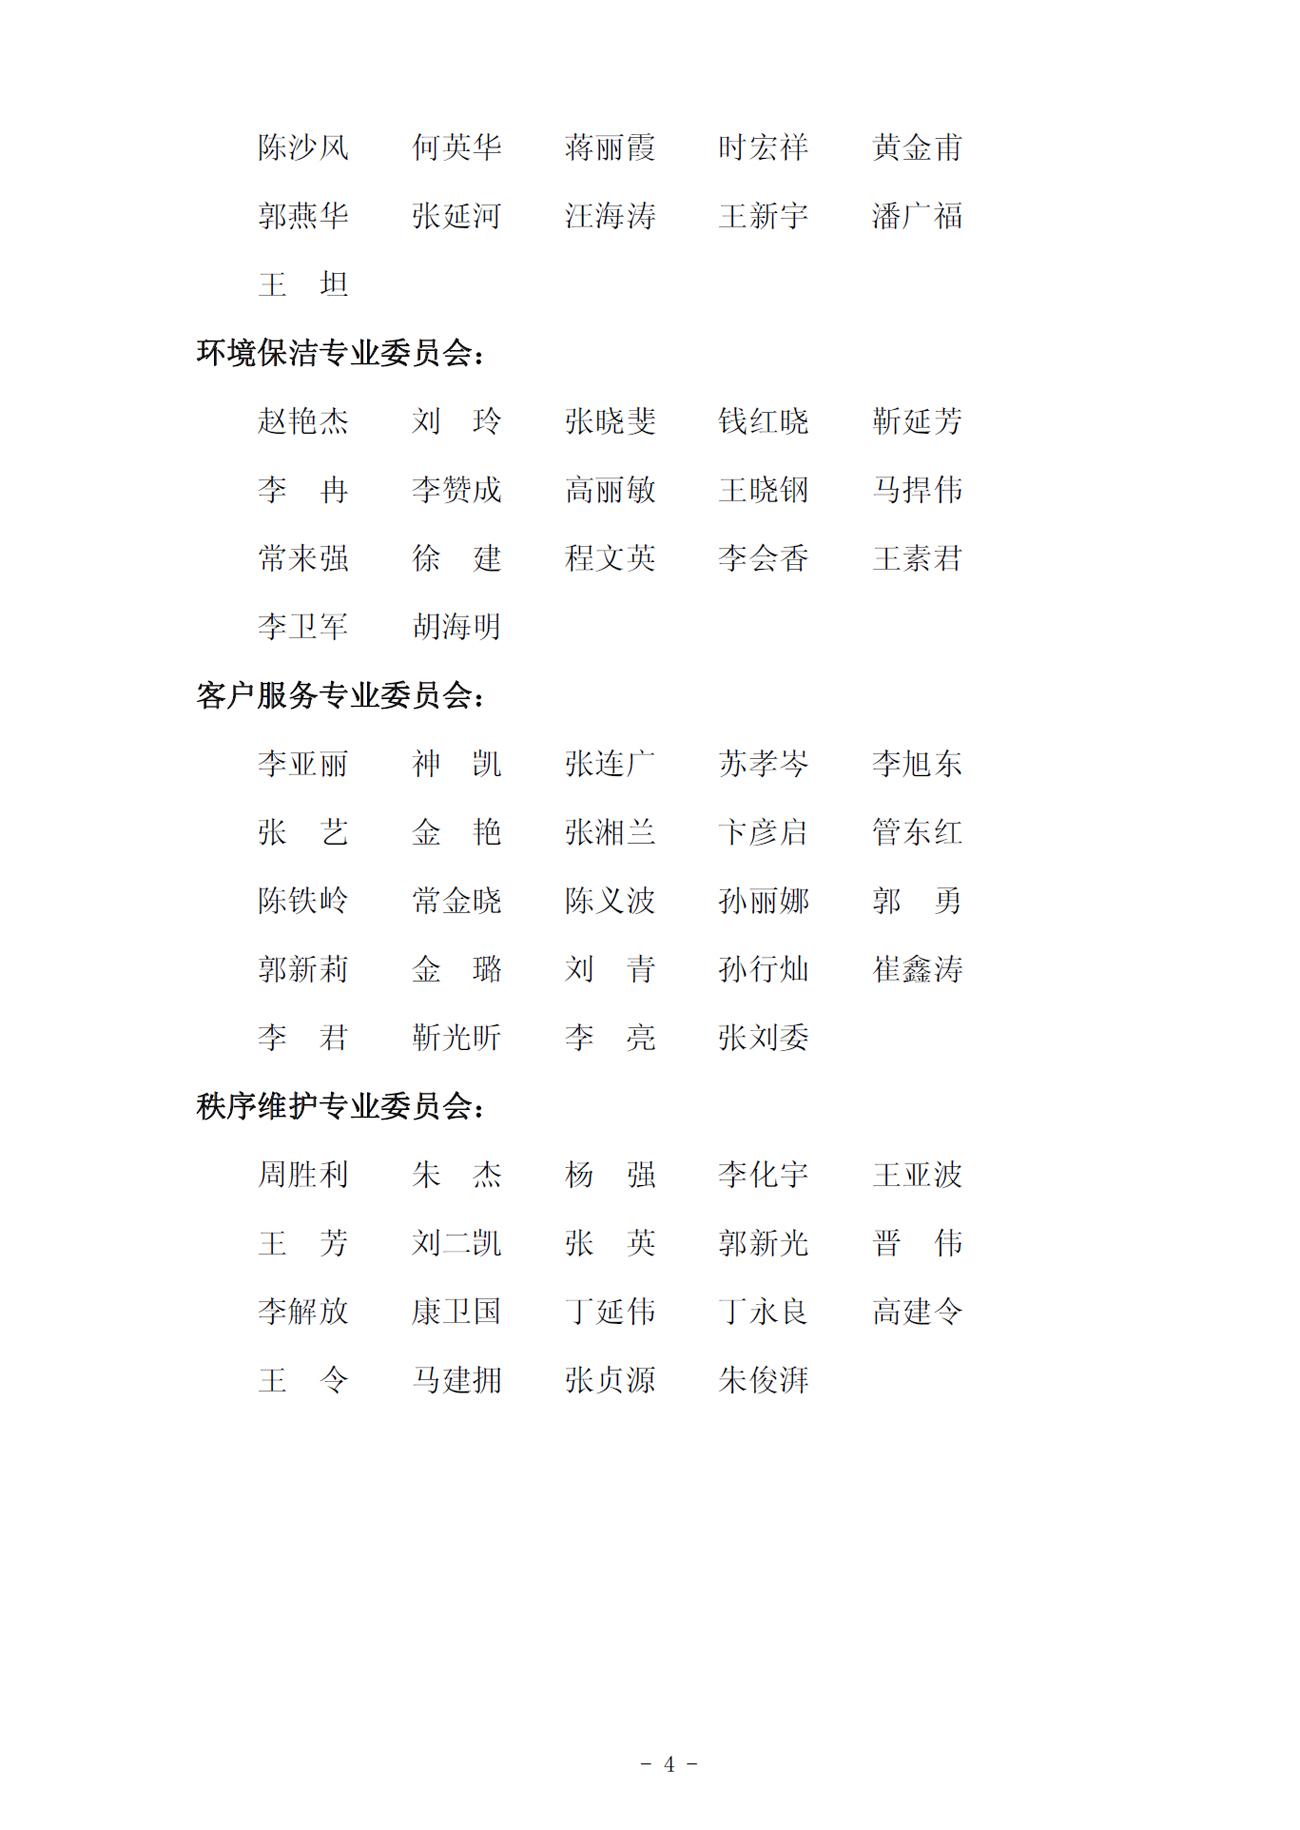 04-04.jpg